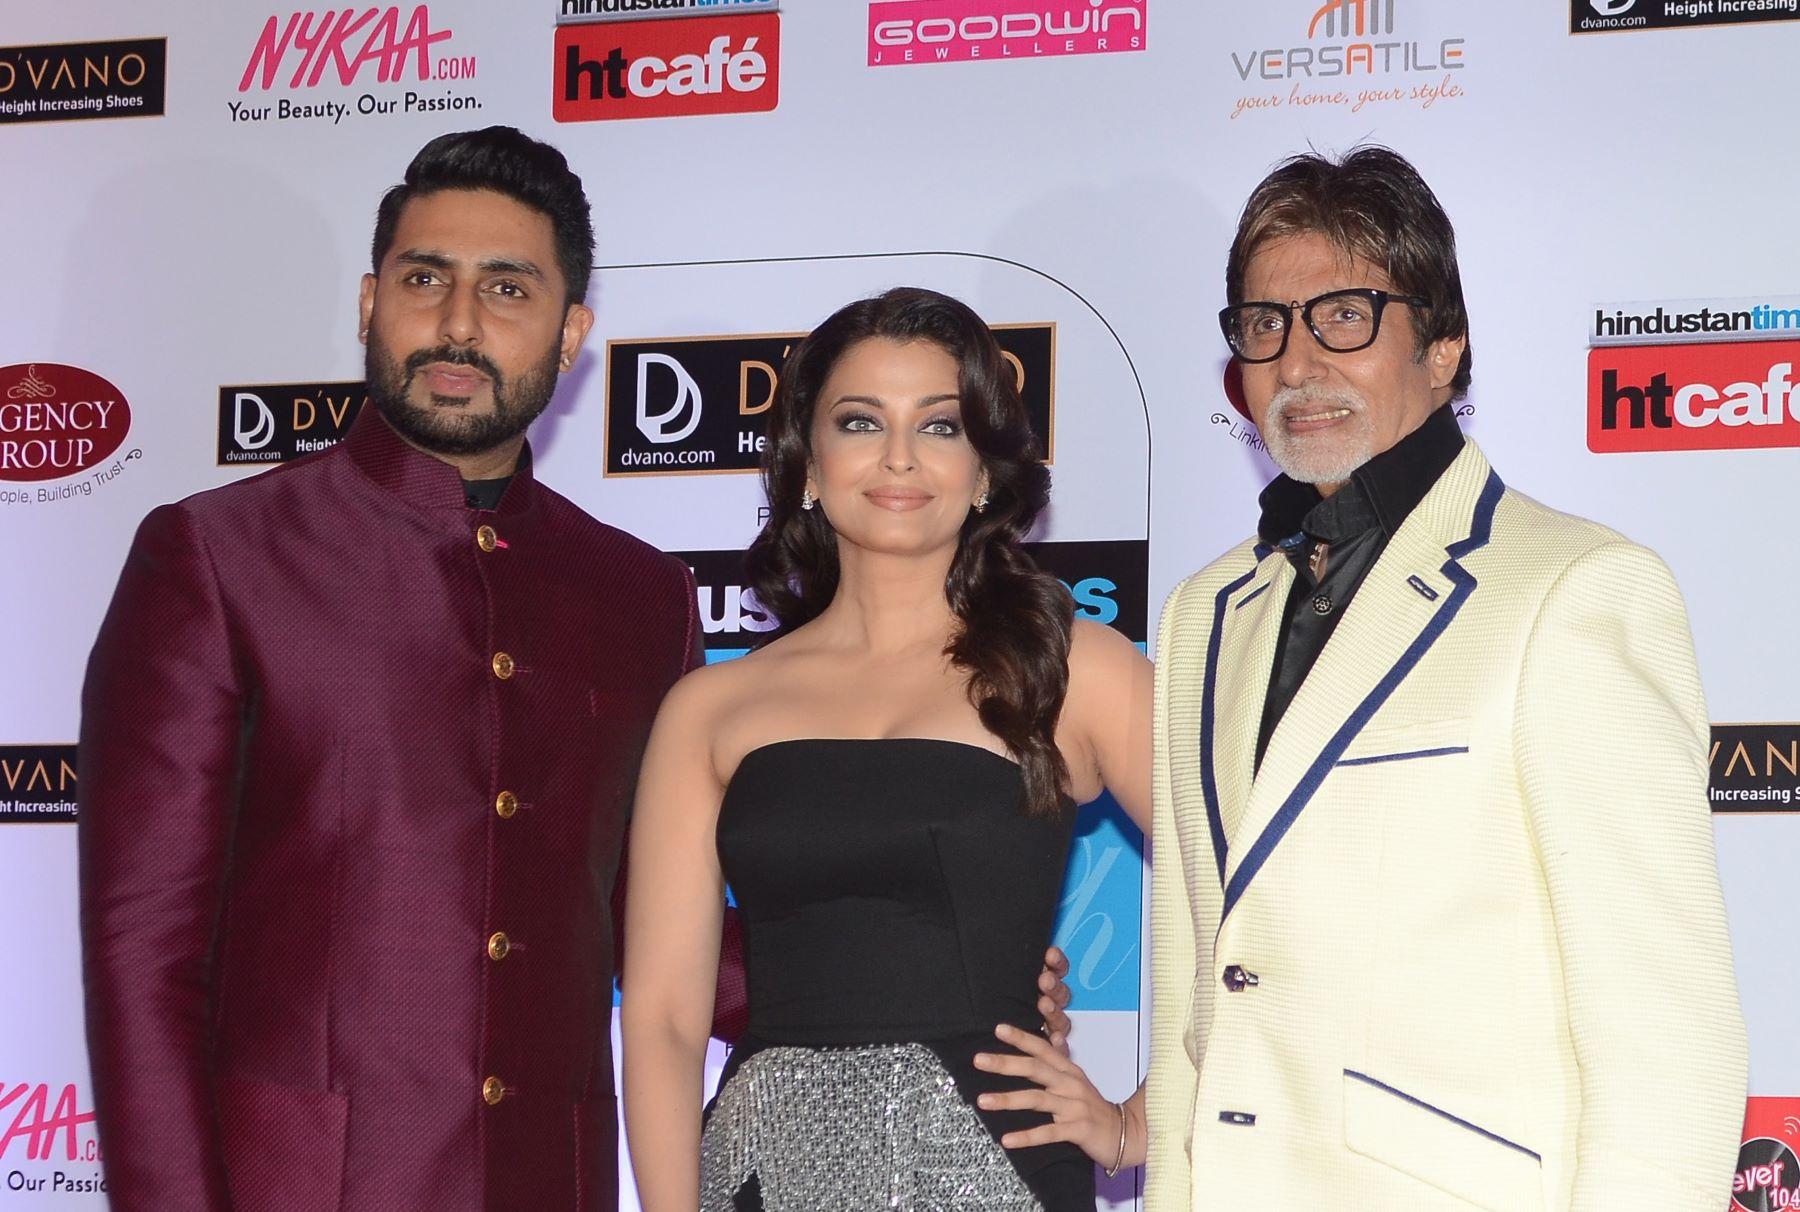 Abhishek, Aishwarya, and Amitabh Bachan